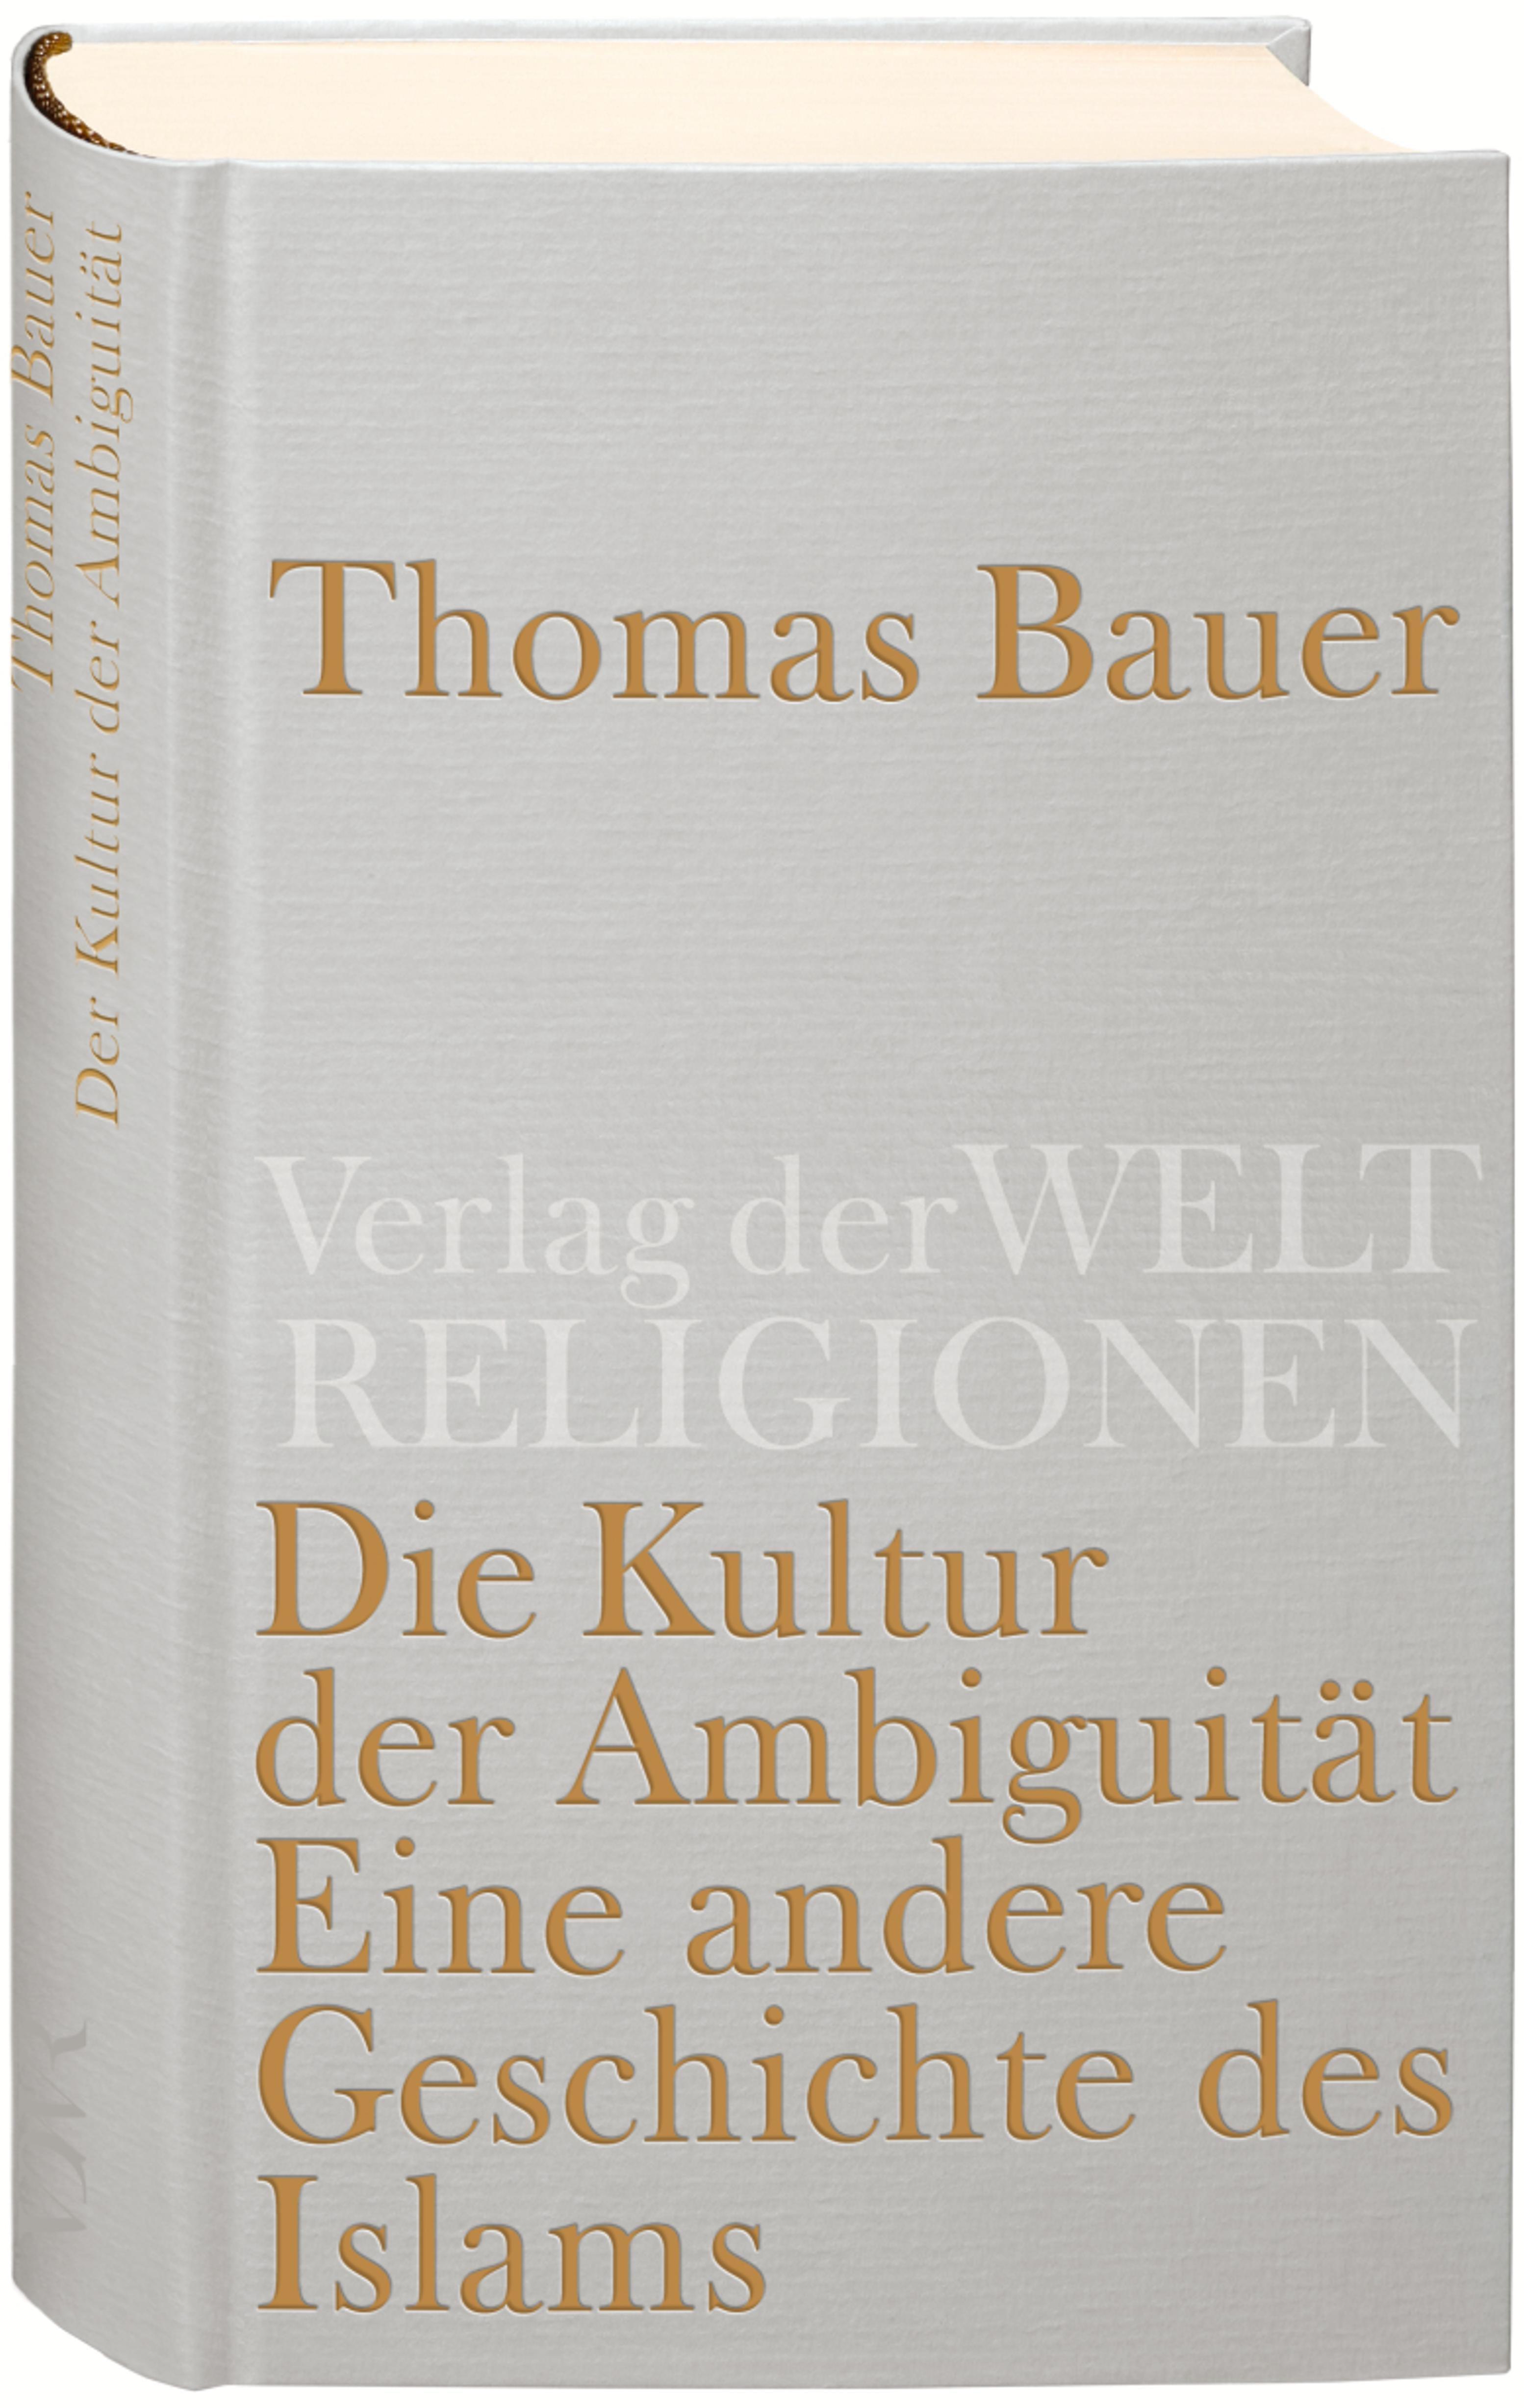 Die Kultur der Ambiguitt. Buch von Thomas Bauer (Verlag der Weltreligionen)